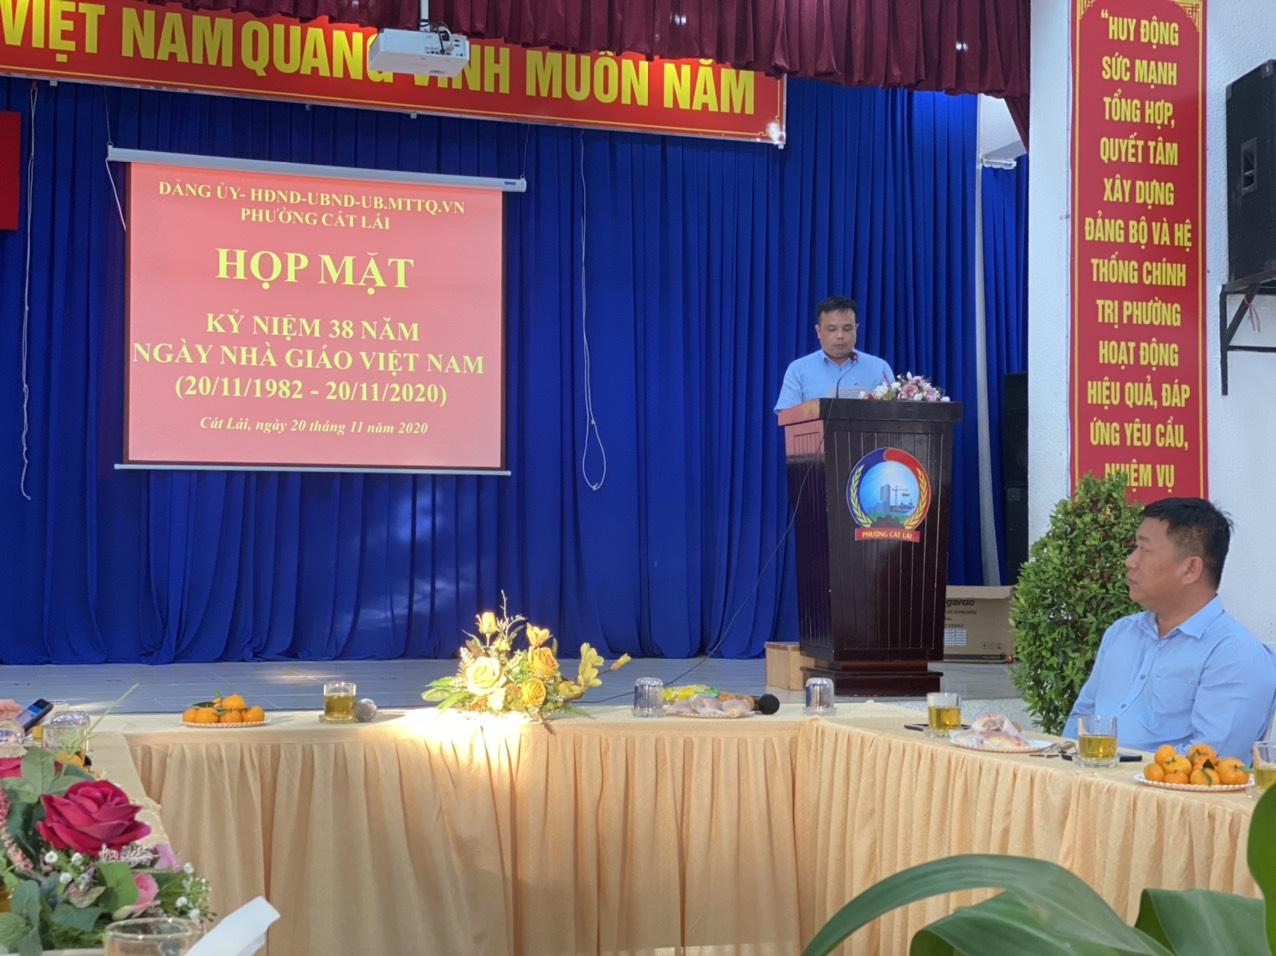 Đồng chí Lê Long Hồng - ĐUV, Phó Chủ tịch UBND phường ôn truyền thống kỷ niệm 38 năm ngày nhà giáo Việt Nam 20/11